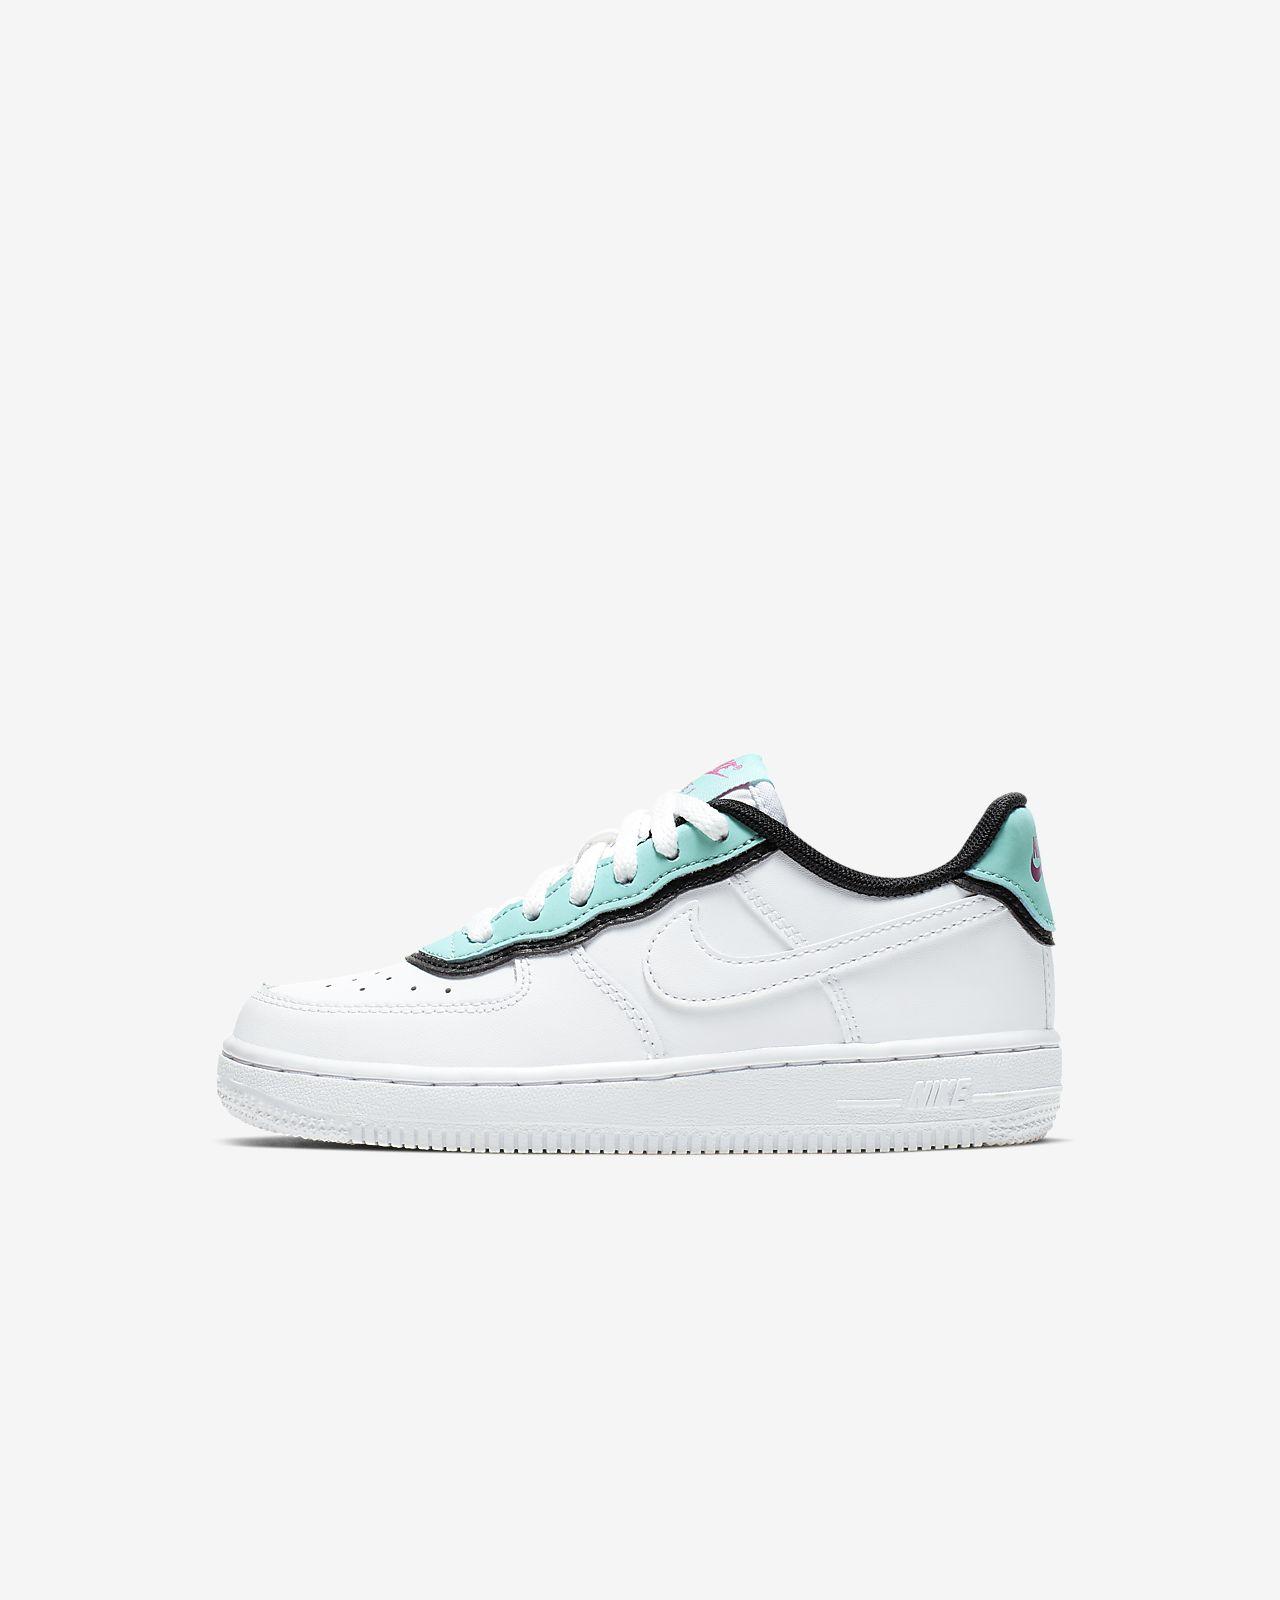 Nike Force 1 LV8 1 DBL Little Kids' Shoe